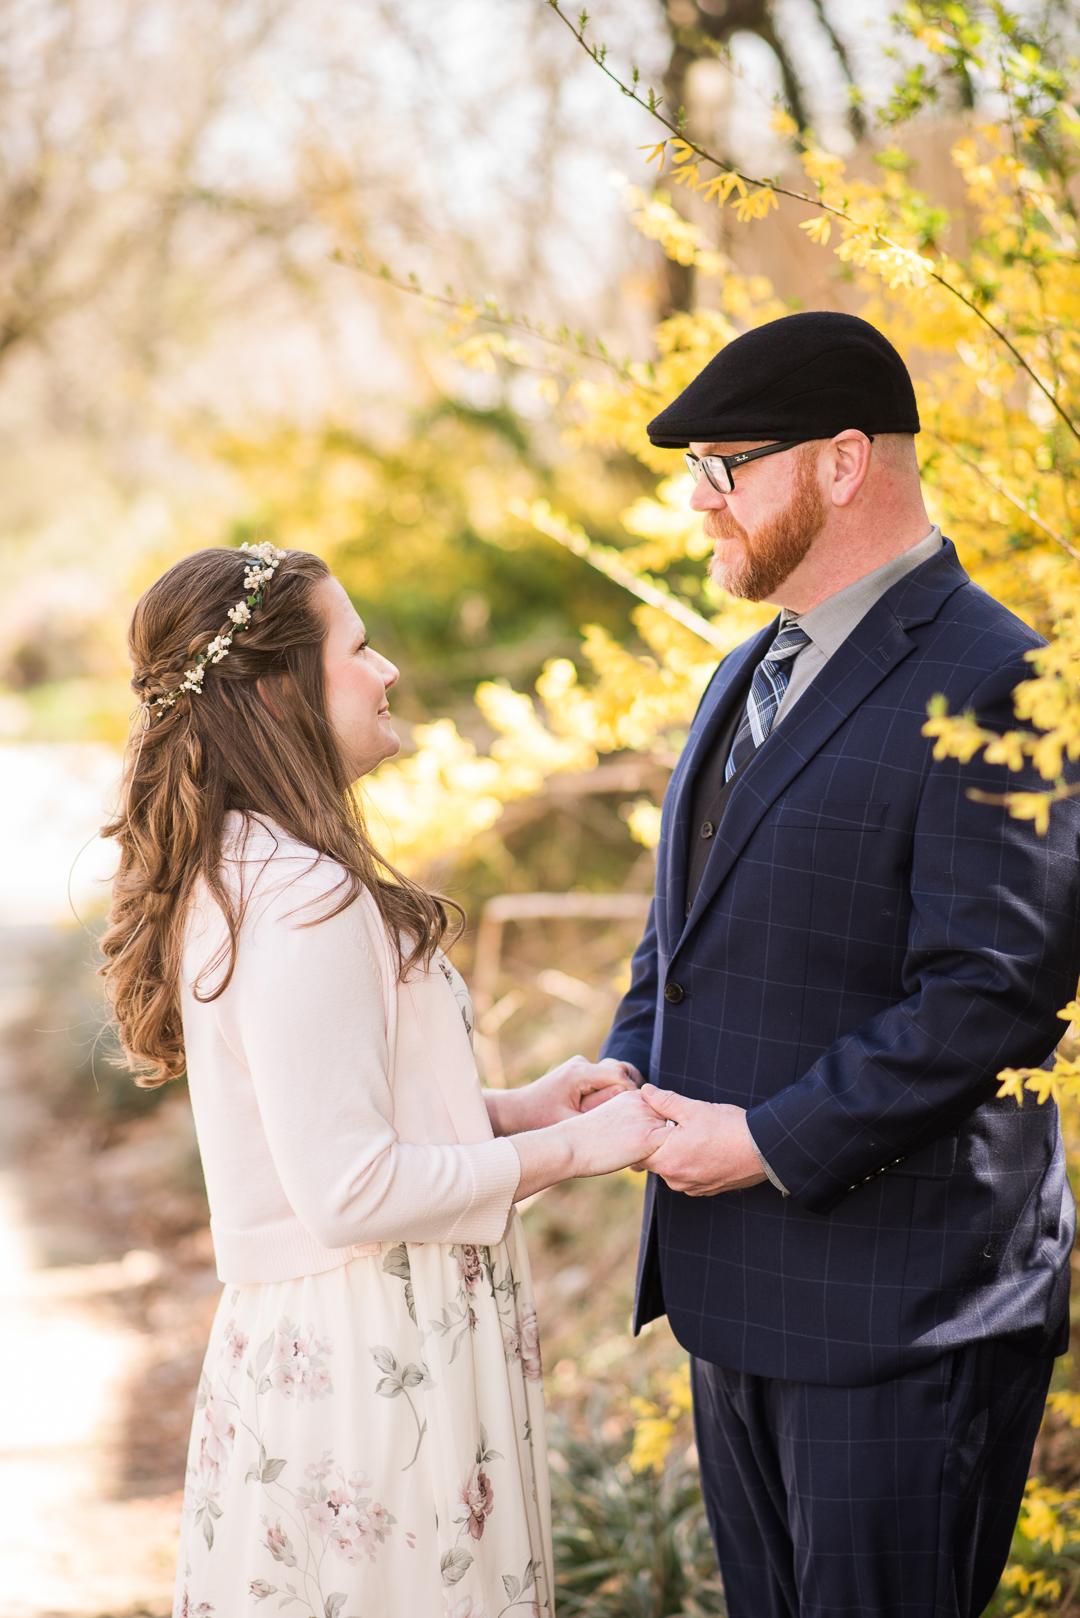 Delaware elopement